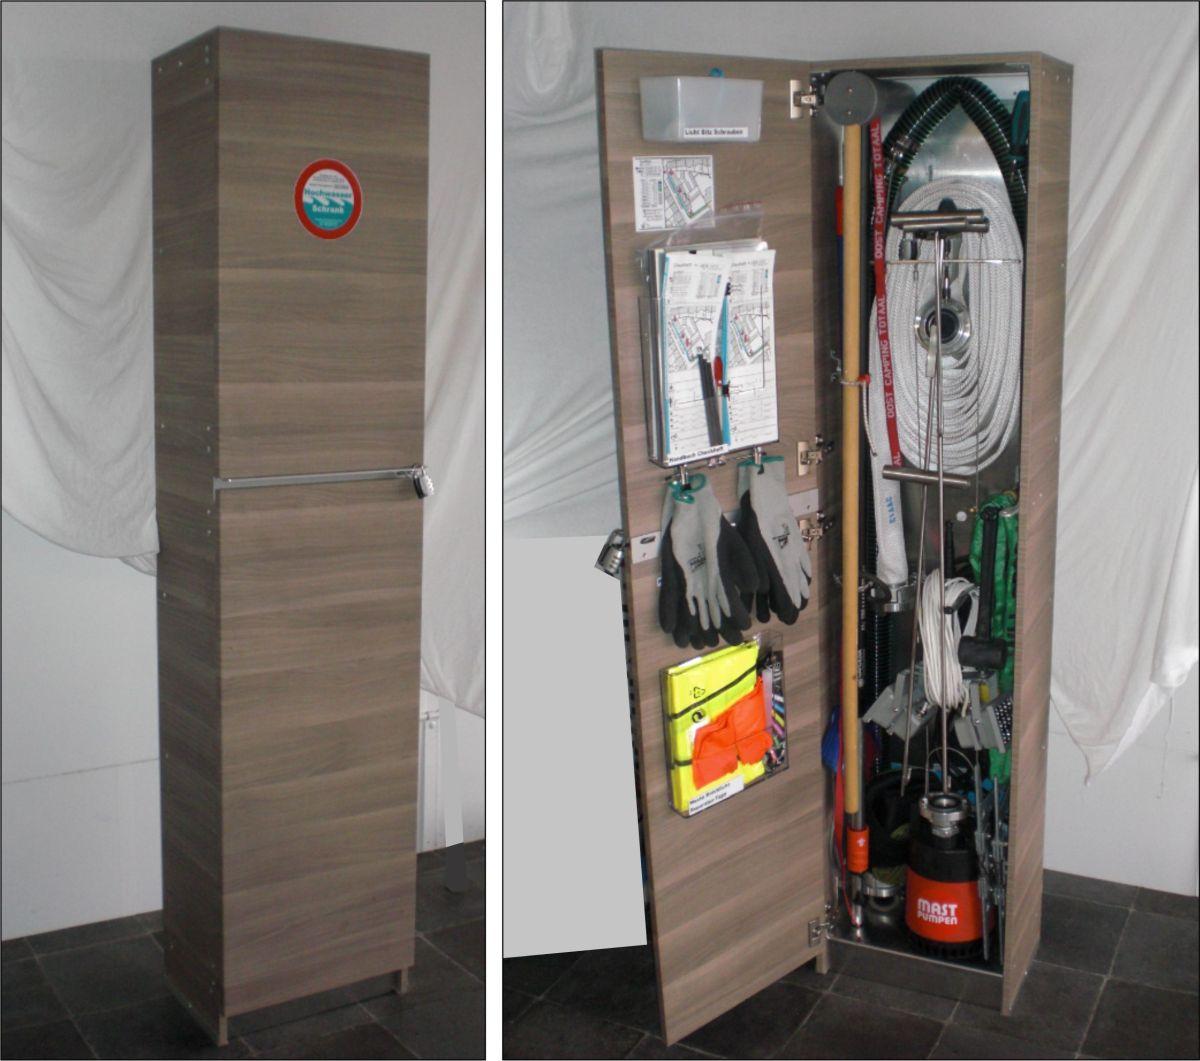 Lagerschrank für Werkzeug, Pumpe und Extras